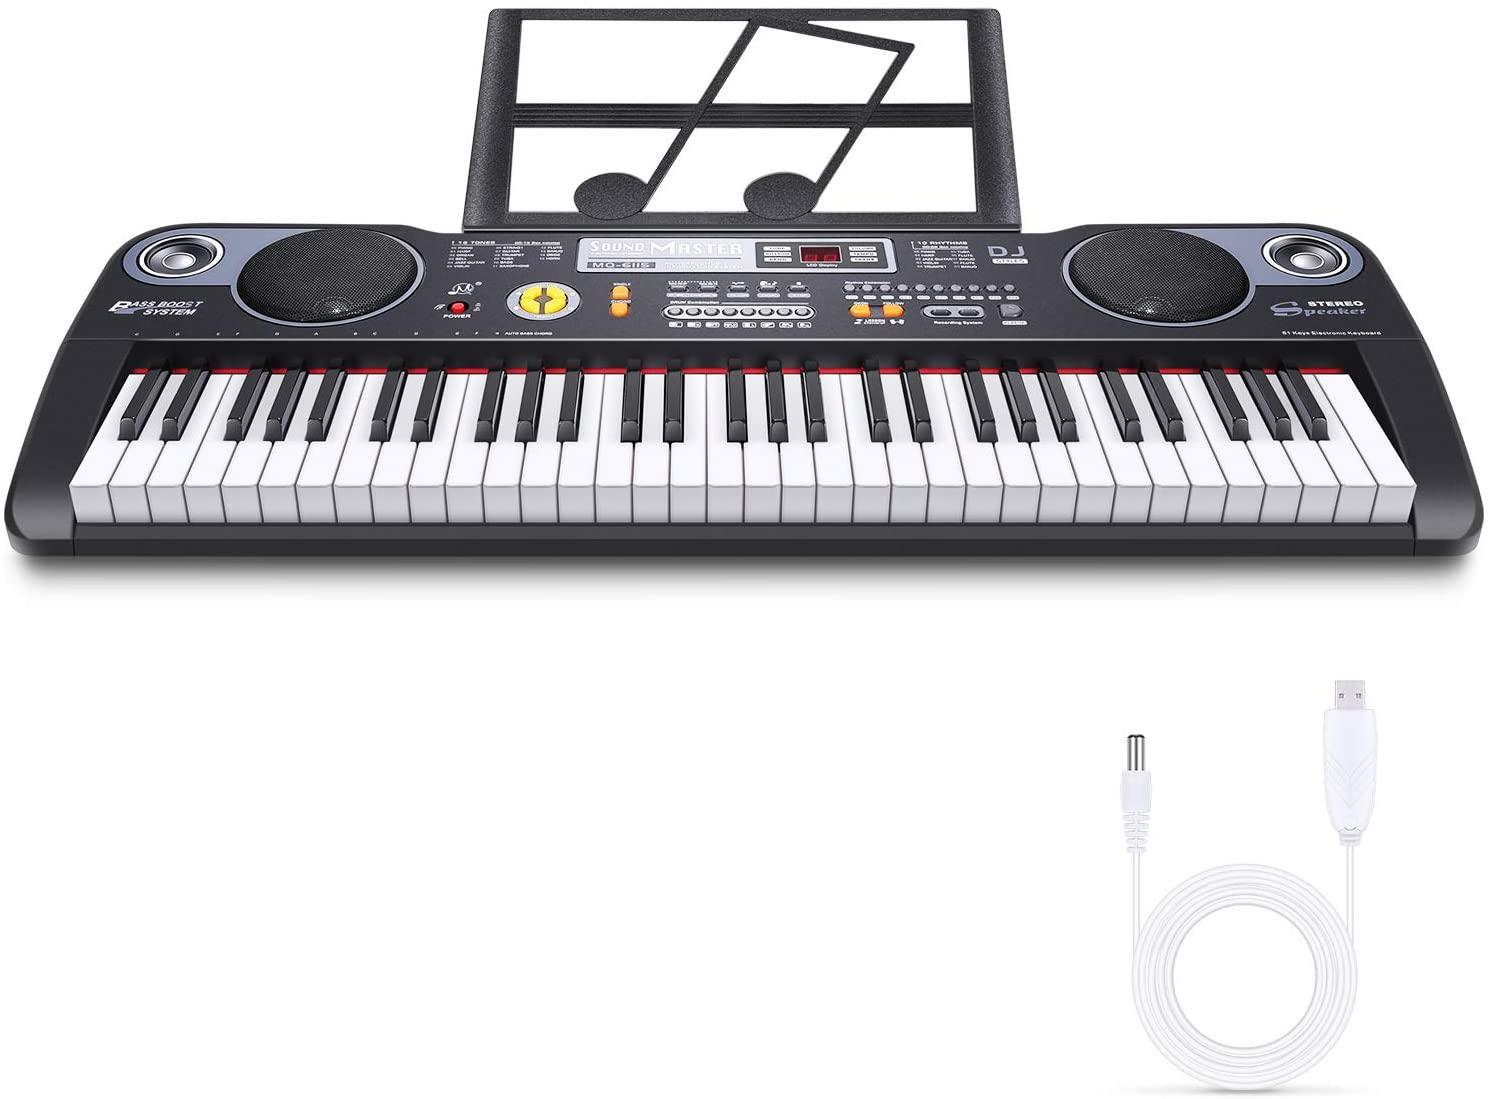 RenFox Keyboard